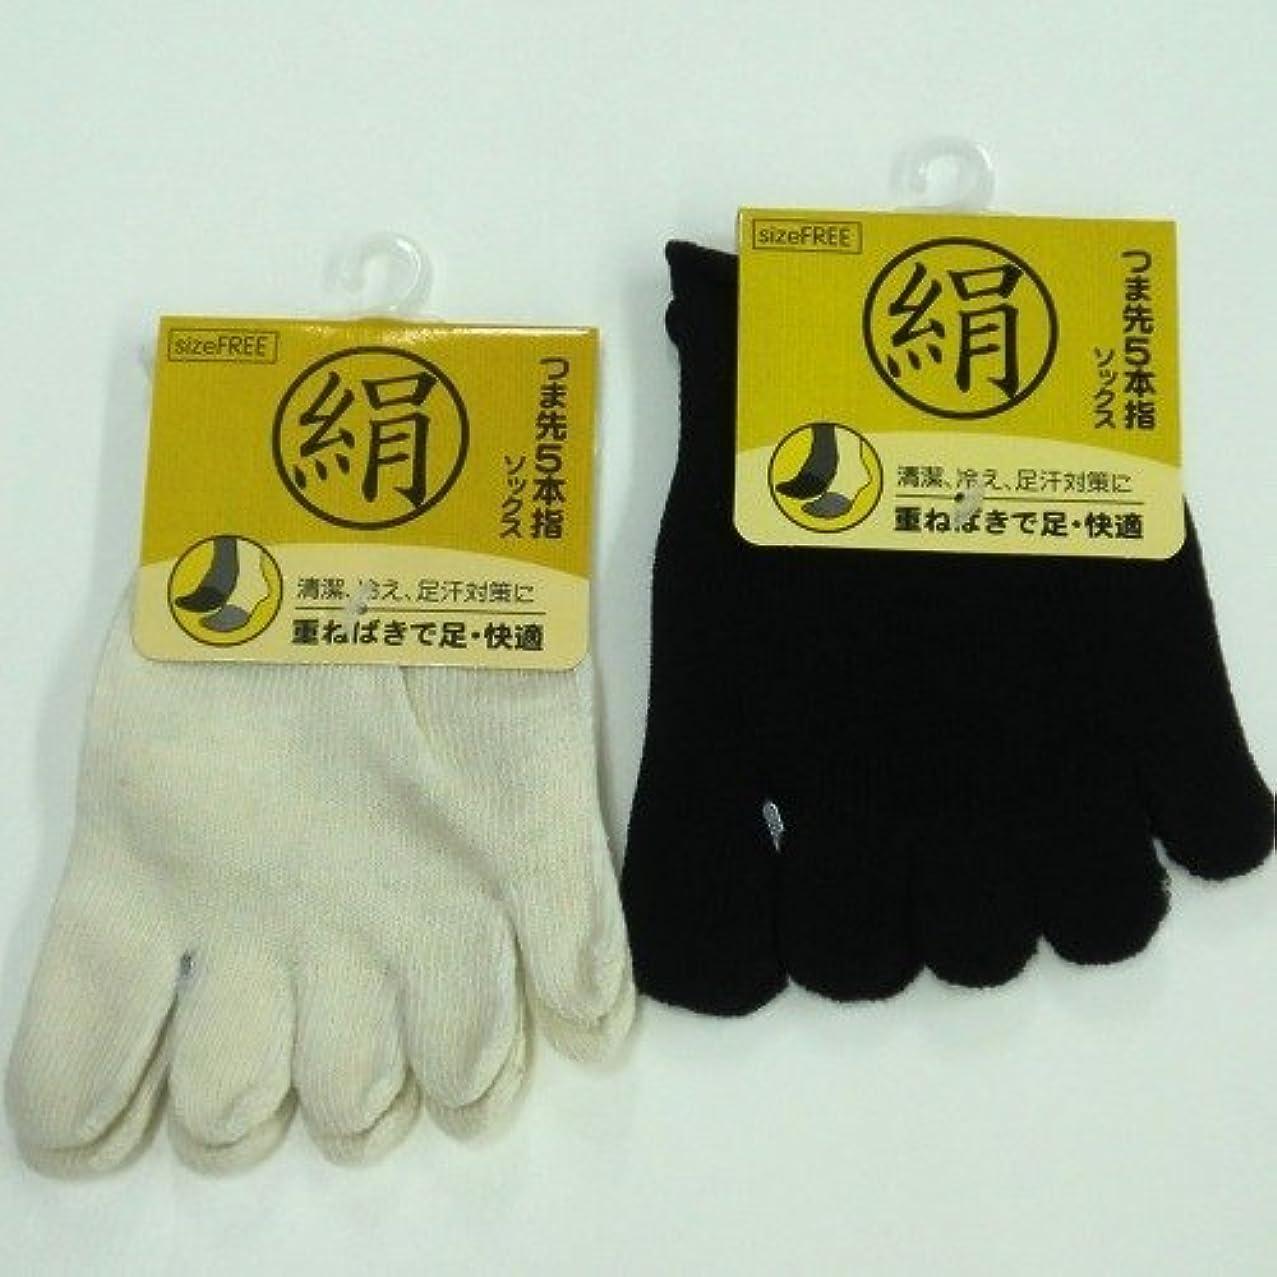 ブラスト生き返らせるゲインセイシルク 5本指ハーフソックス 足指カバー 天然素材絹で抗菌防臭 3足組 (色はお任せ)